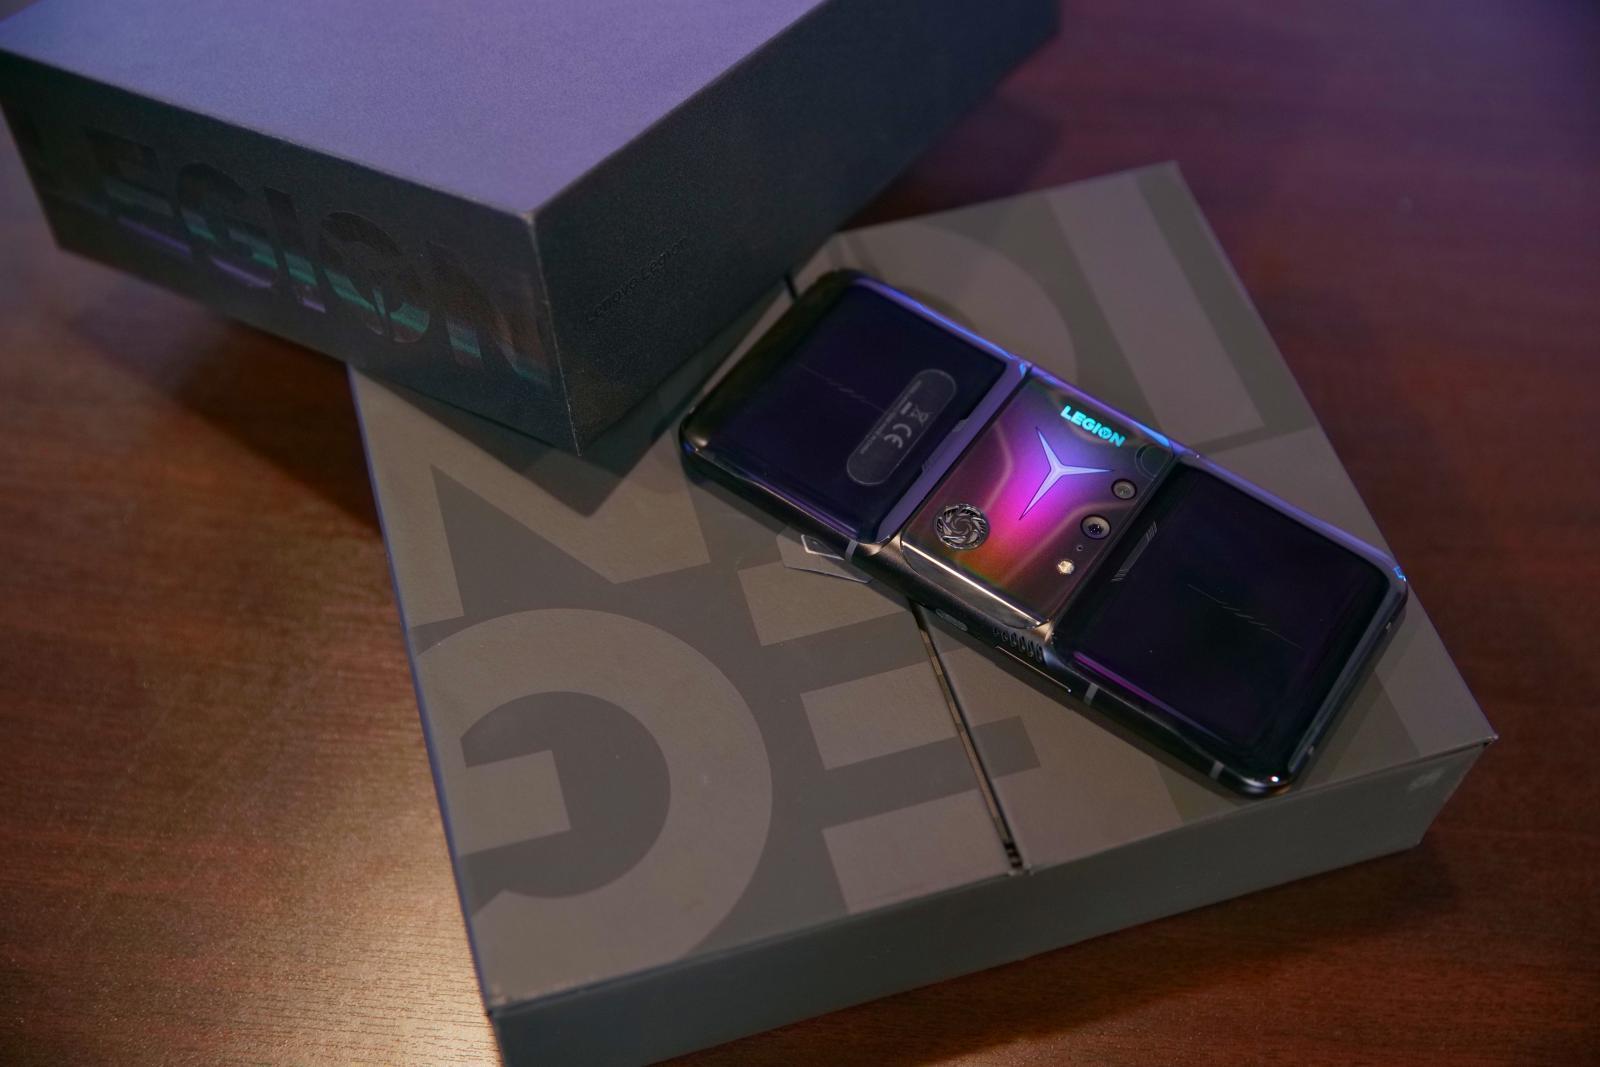 ปฏิวัติวงการเกมมิ่งมือถือ!! Lenovo Legion Phone Duel 2 มือถือเกมมิ่งตัวแรง